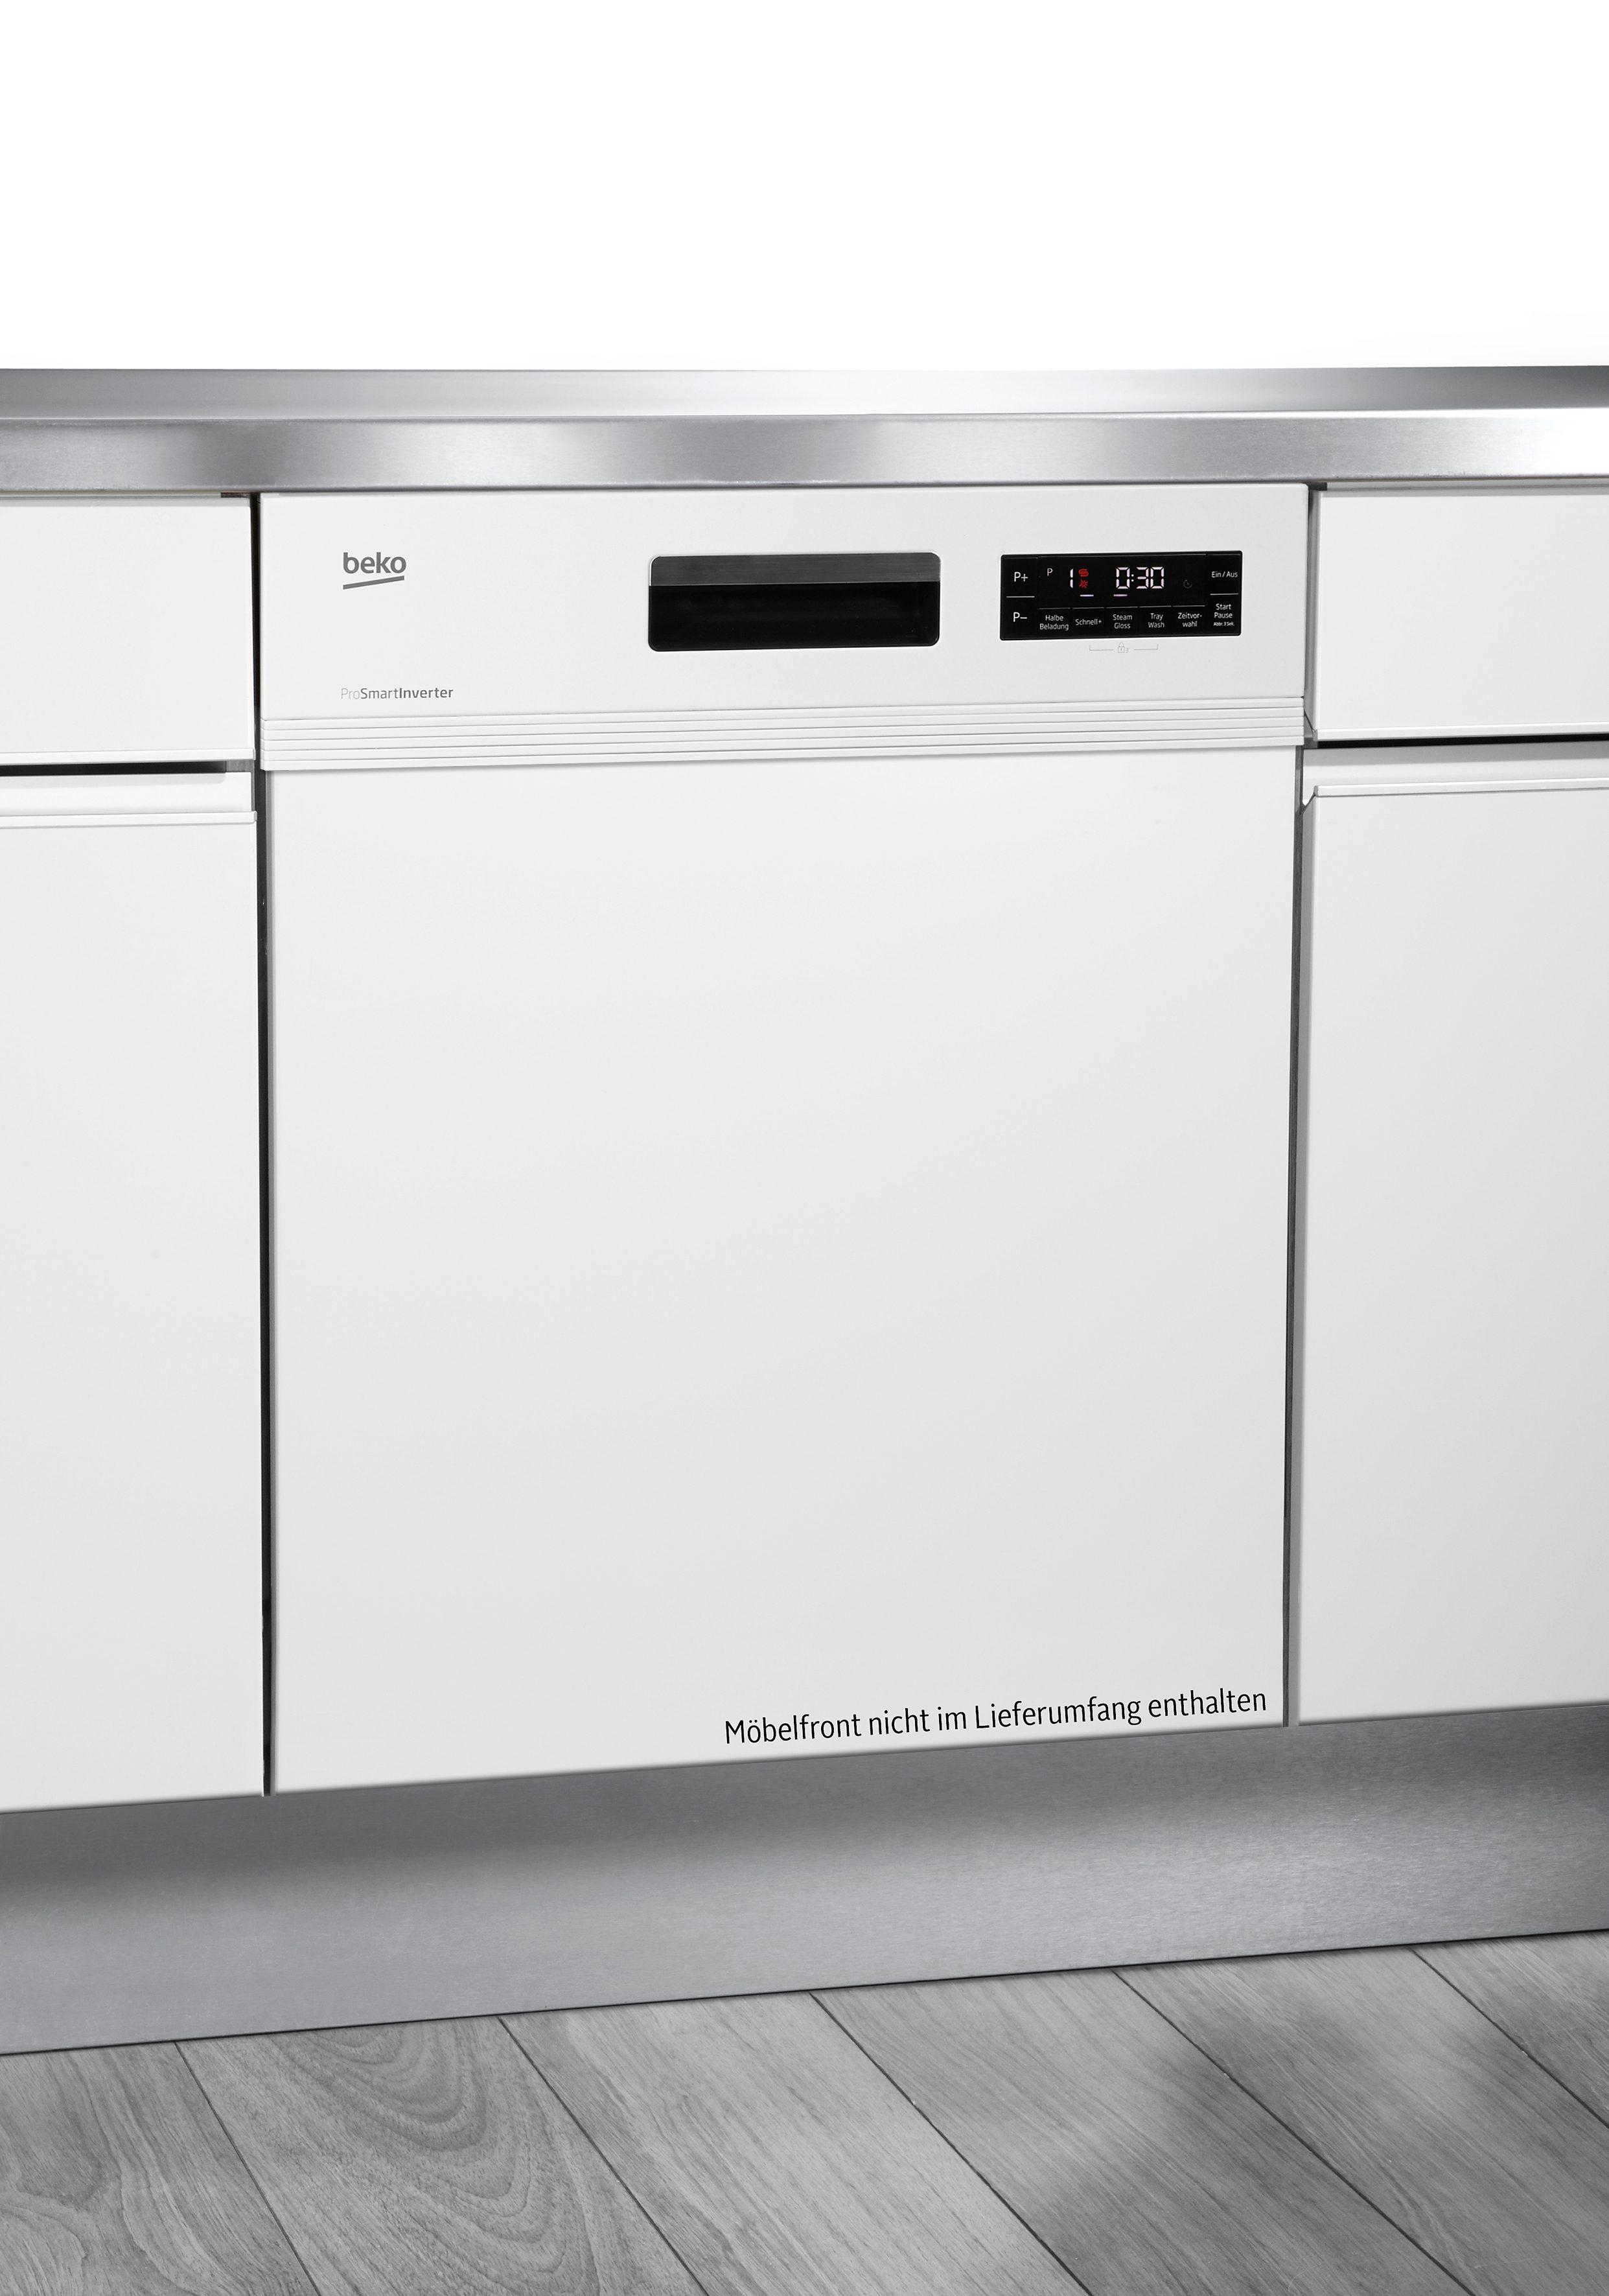 Beko Integrierbarer Einbau-Geschirrspüler DSN6634W1, A++, 10 Liter, 13 Maßgedecke